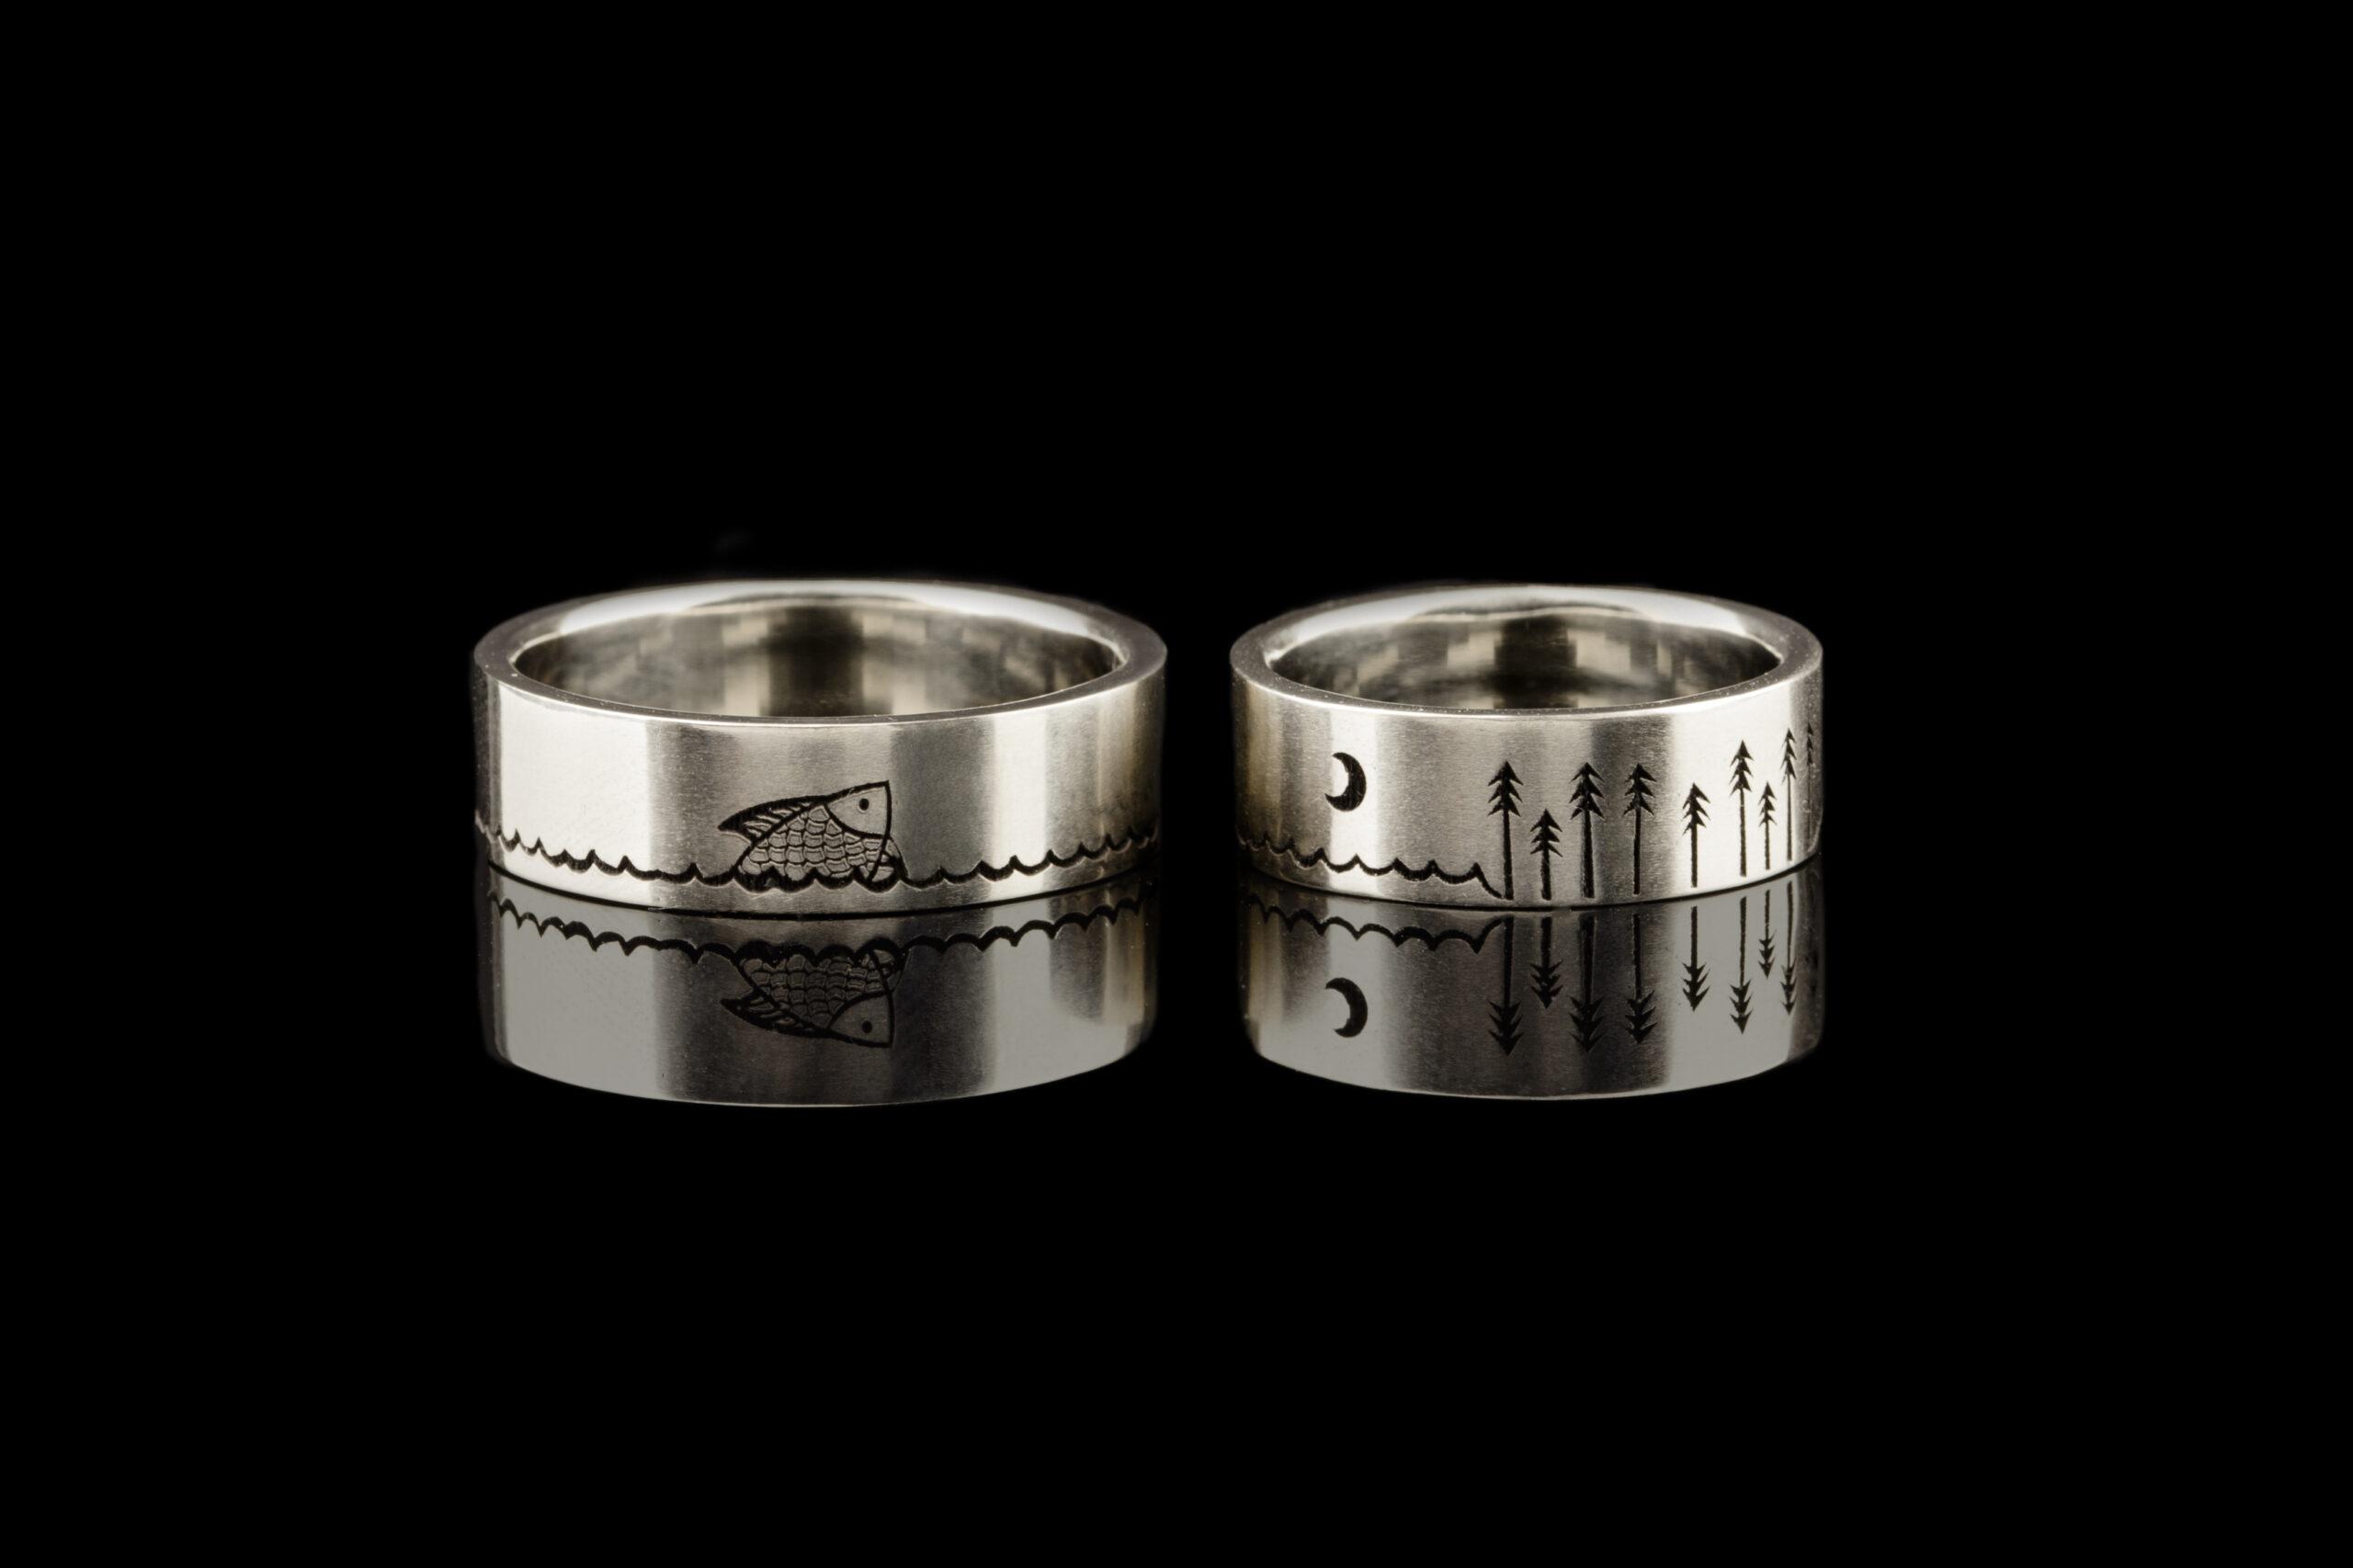 vienetiniai vestuviniai žiedai